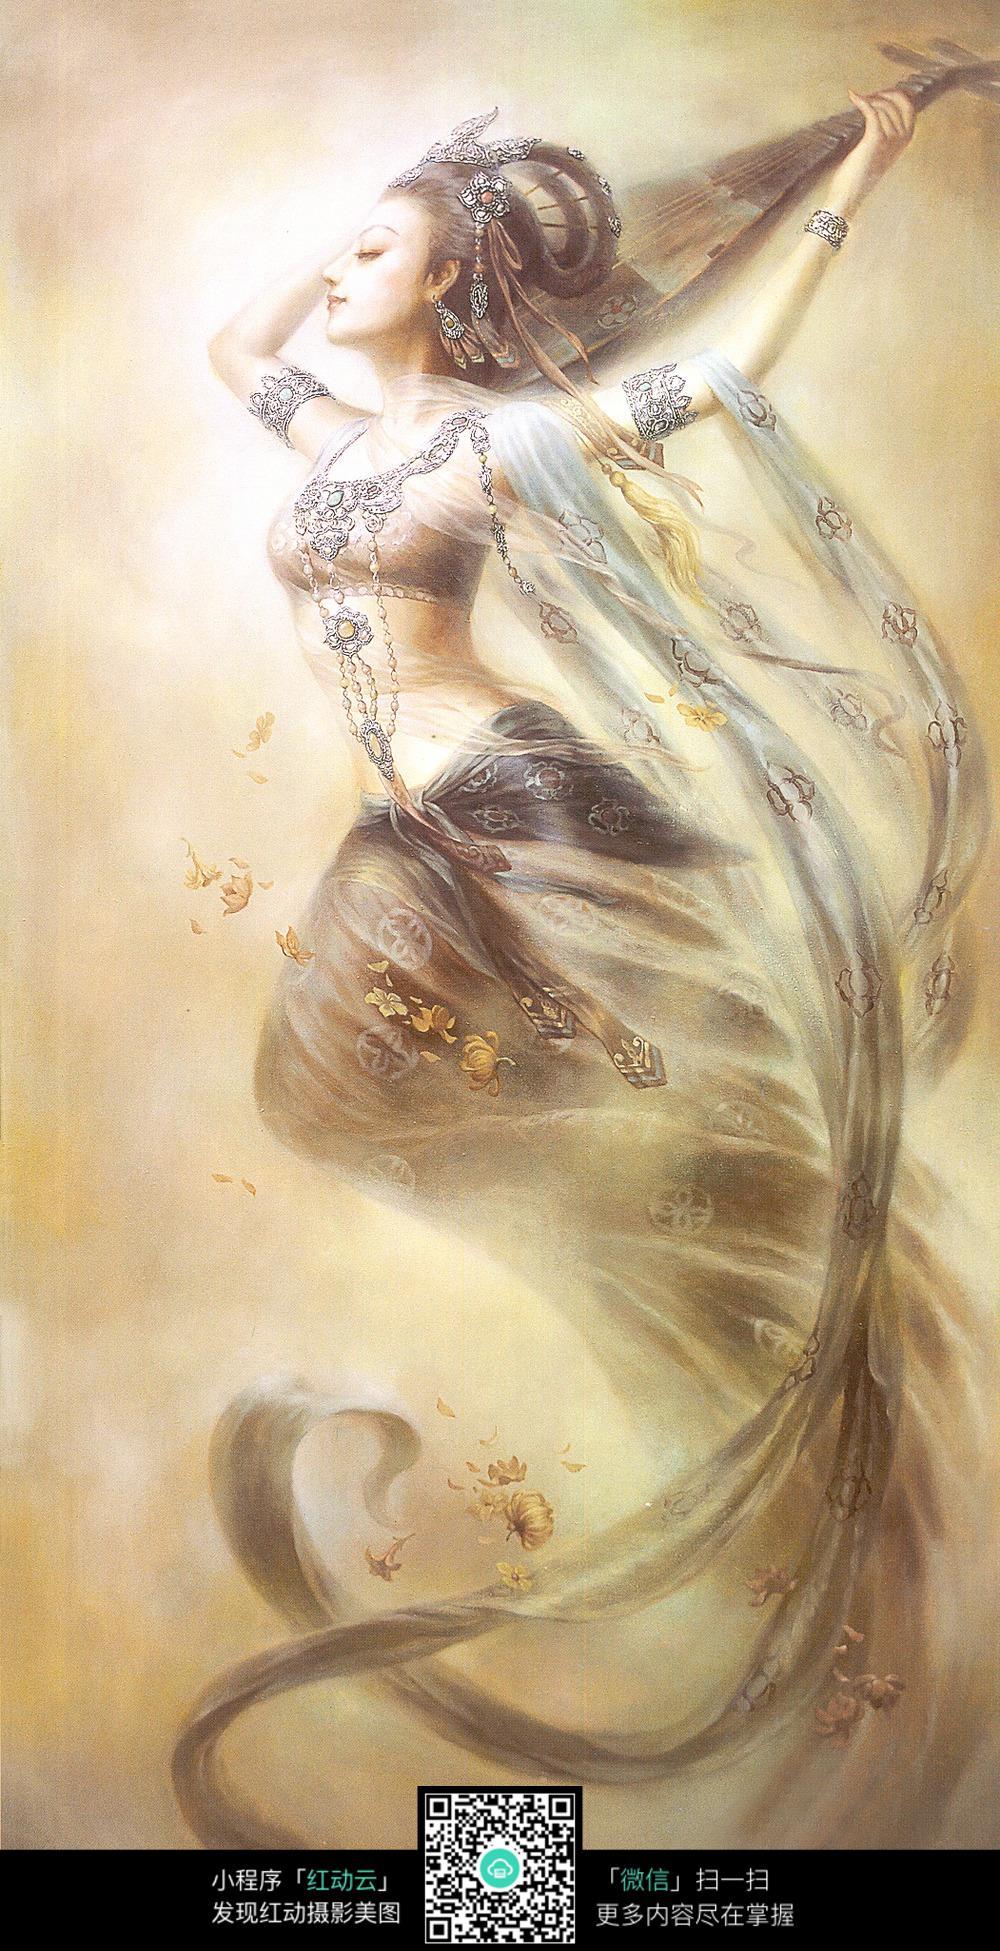 弹琵琶的侧面美女油画图片